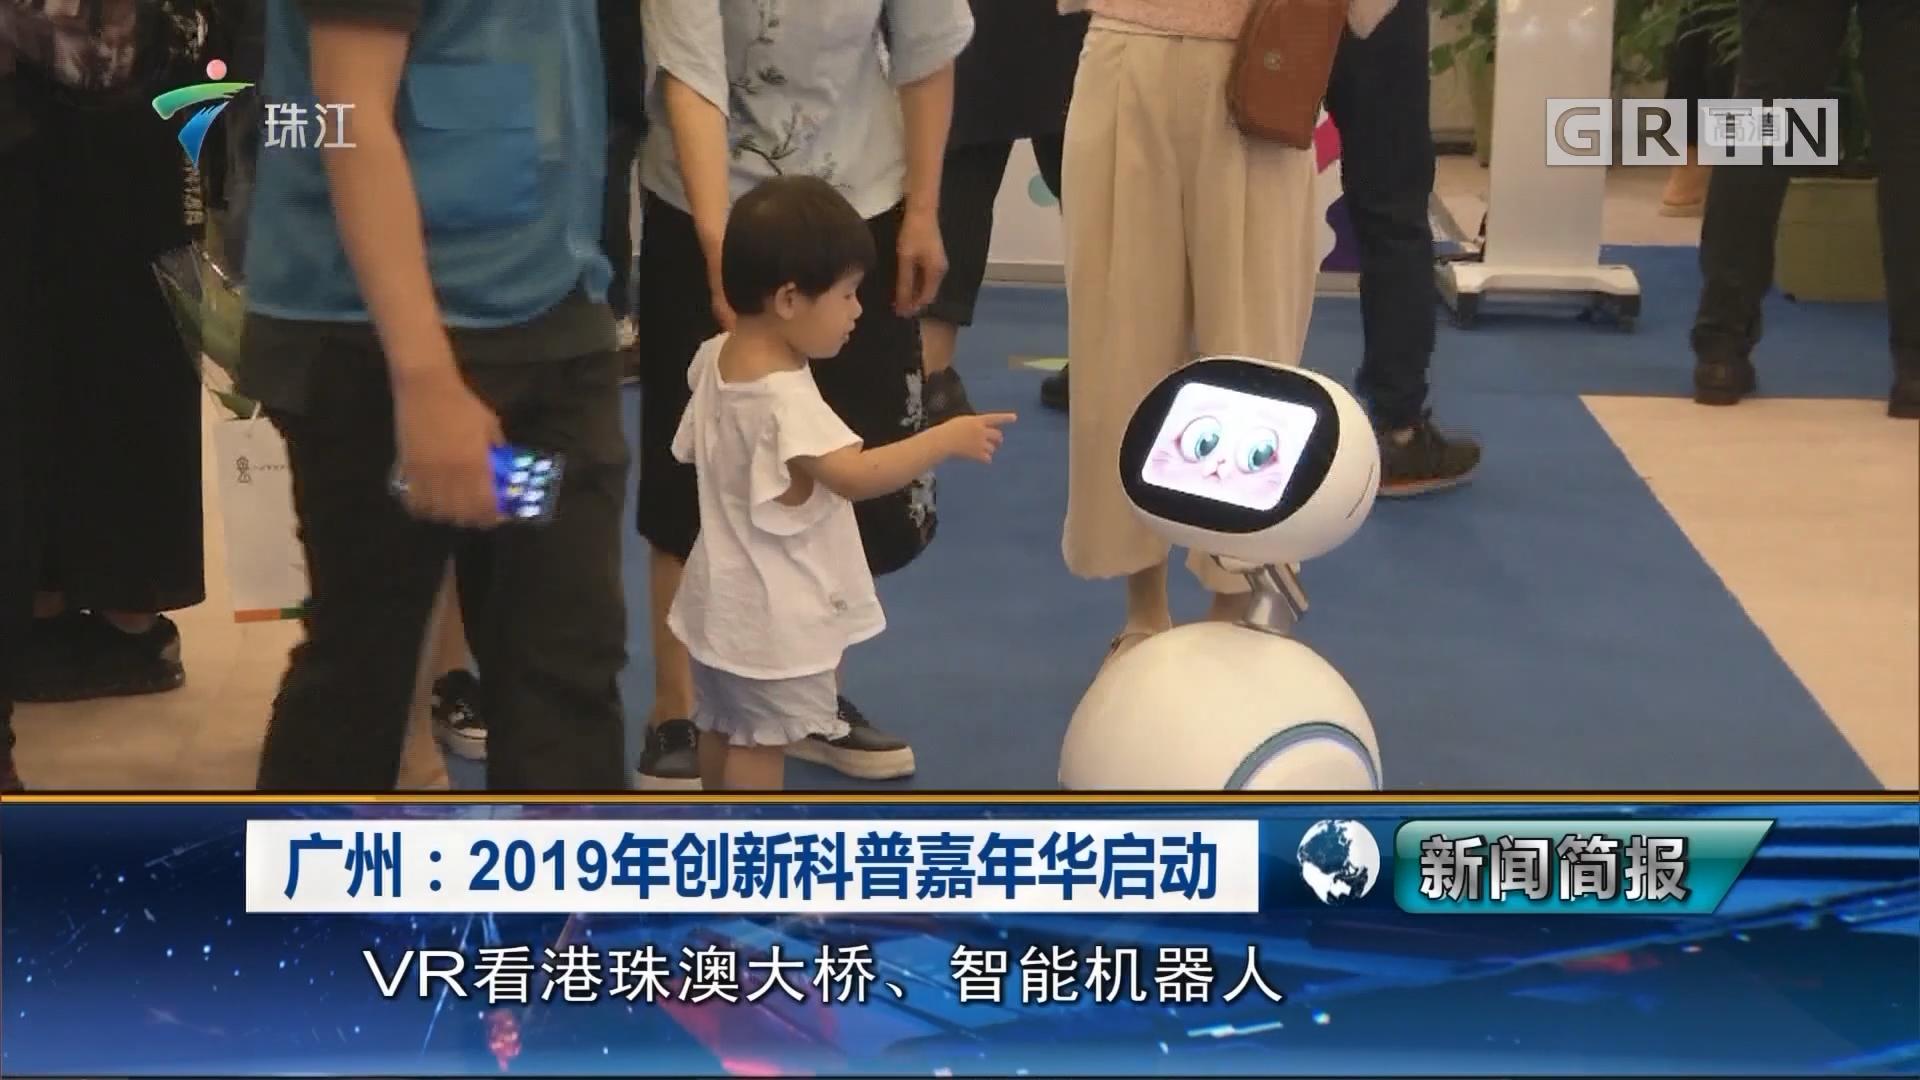 广州:2019年创新科普嘉年华启动